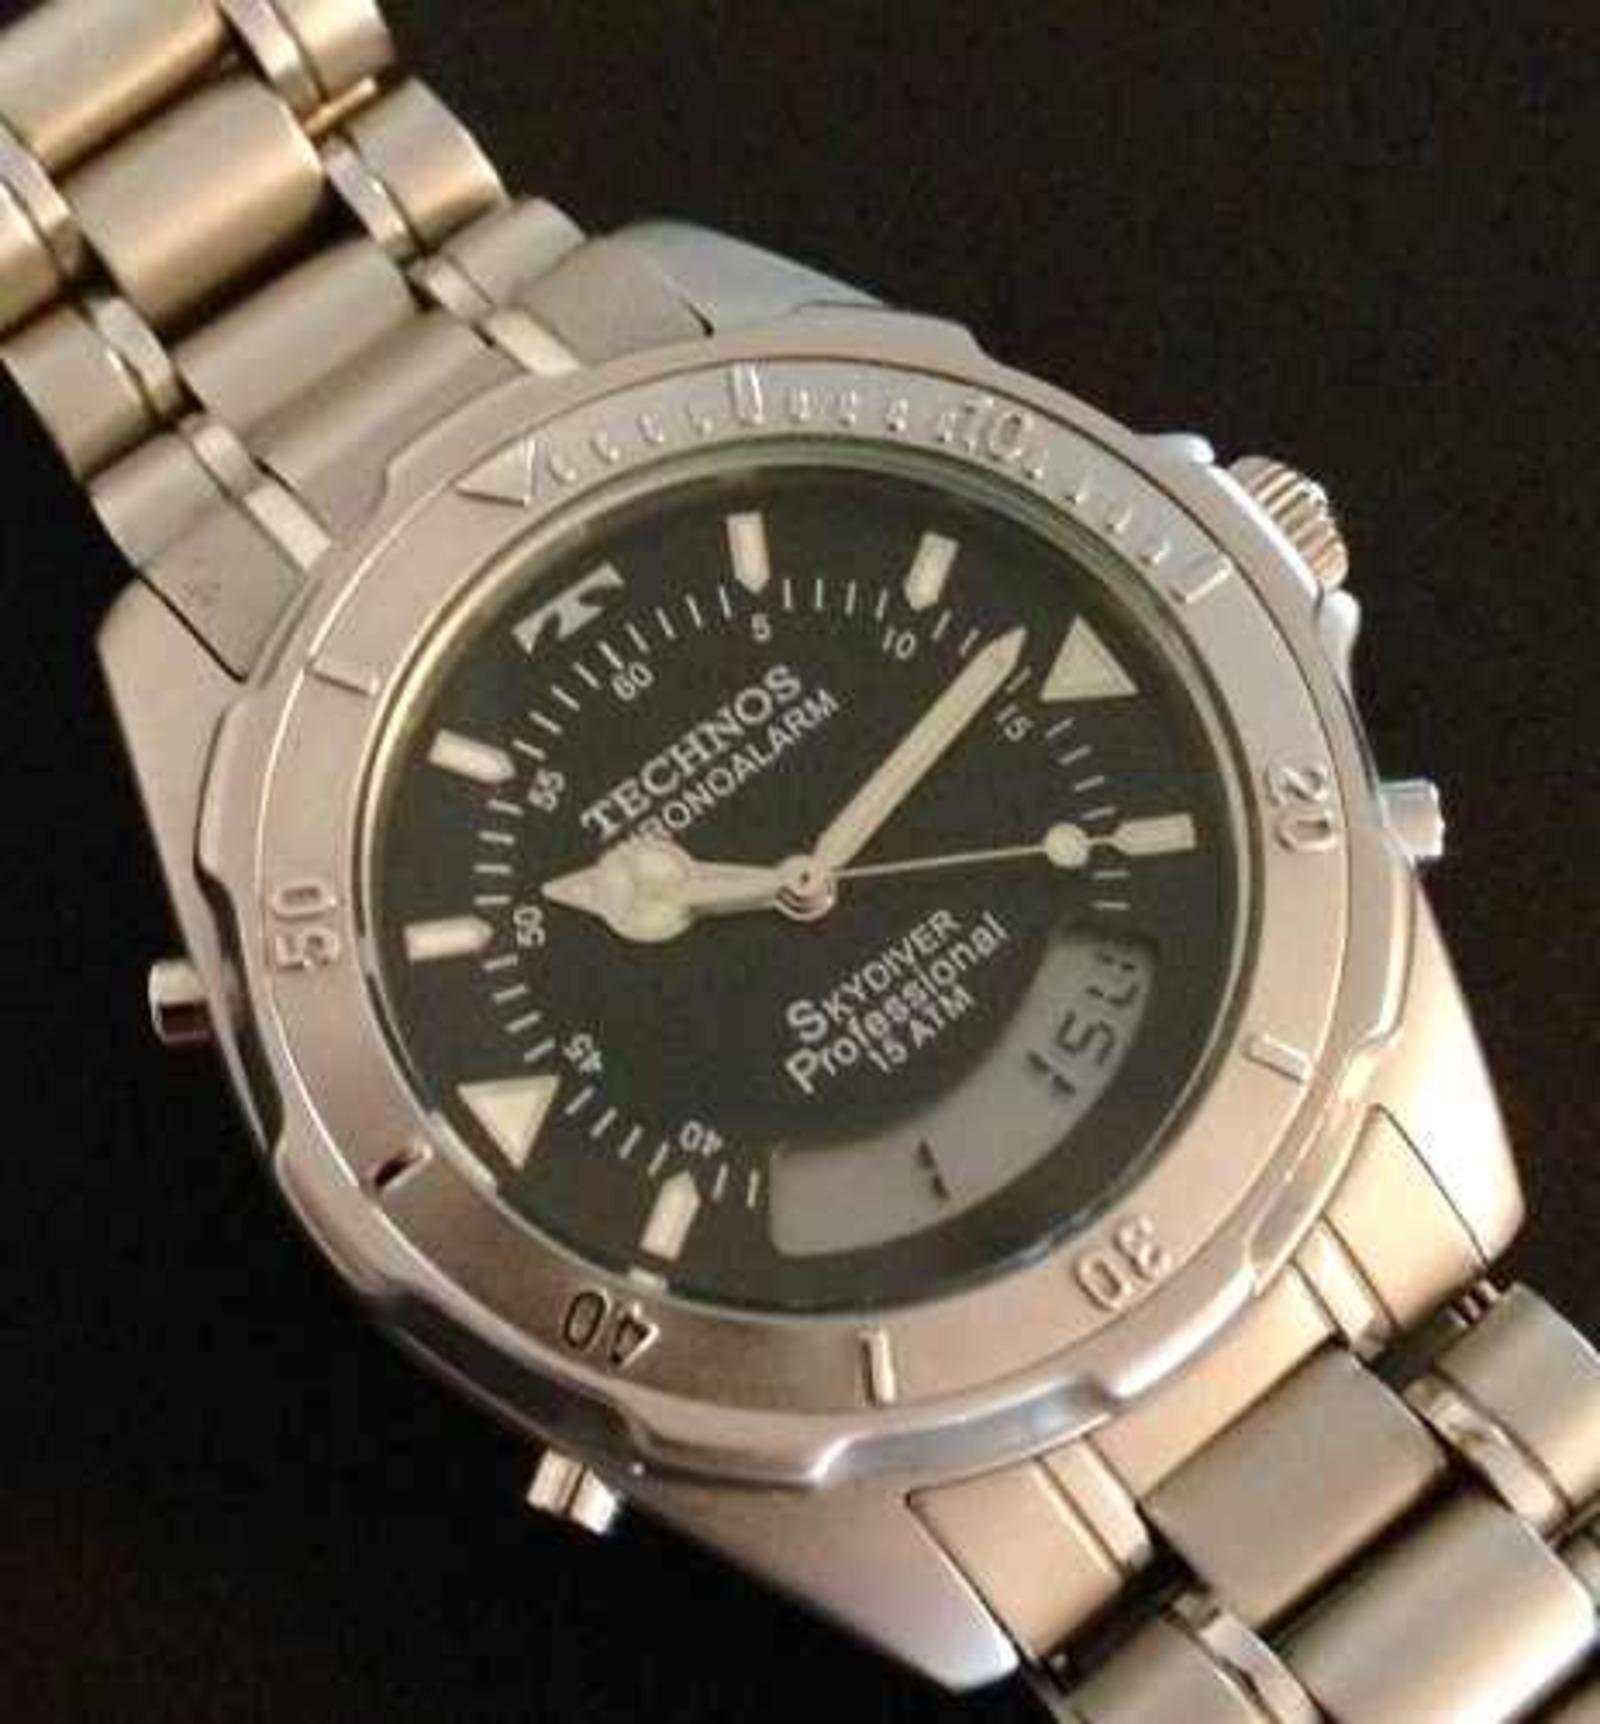 af51e92dc7e Relógio Technos Skydiver (Anos 90) - Muzeez